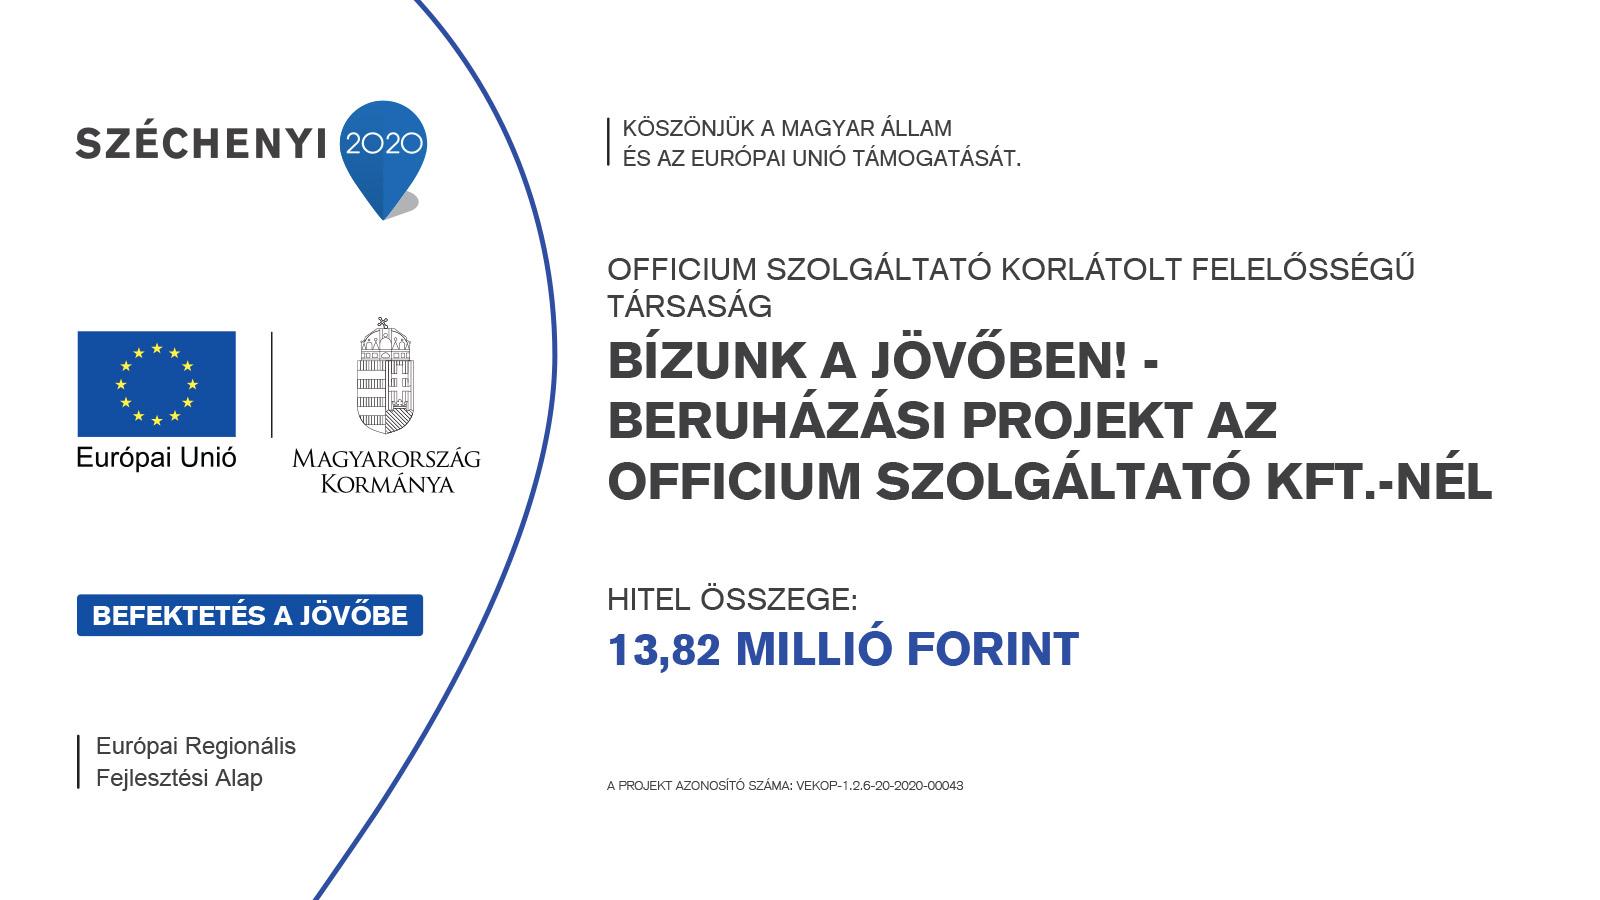 Bízunk a jövőben! - beruházási projekt az Officium Szolgáltató Kft.-nél